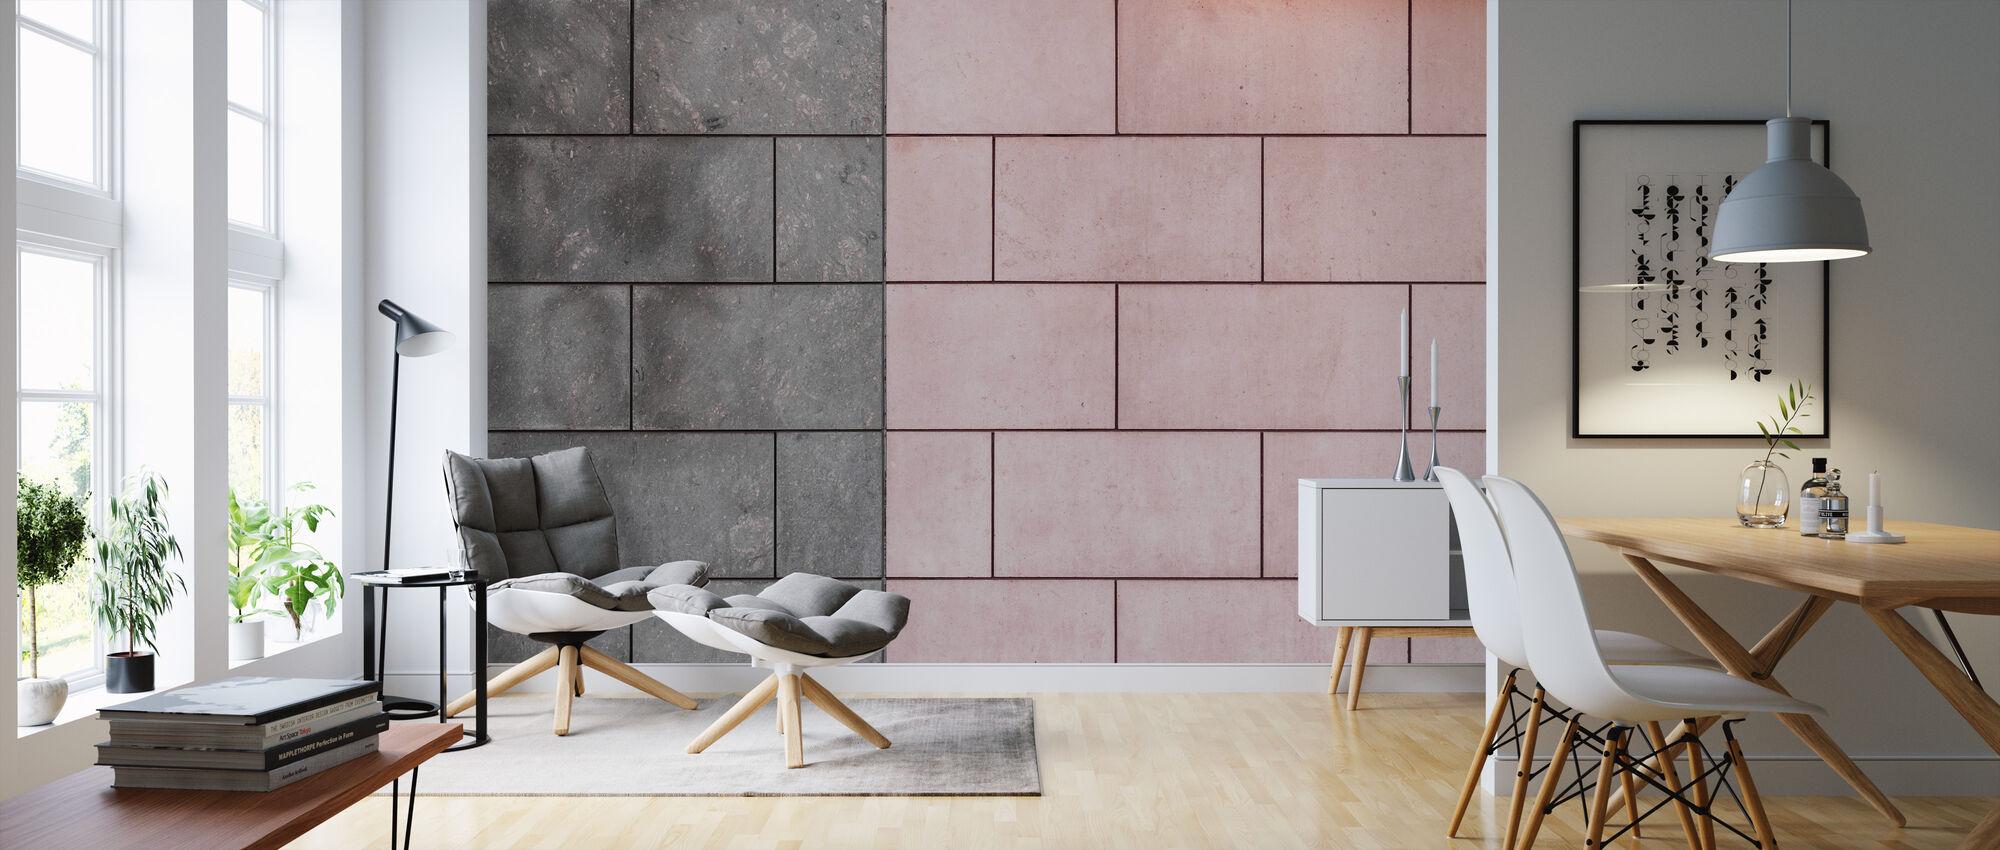 Symmetrical Tiles - Wallpaper - Living Room